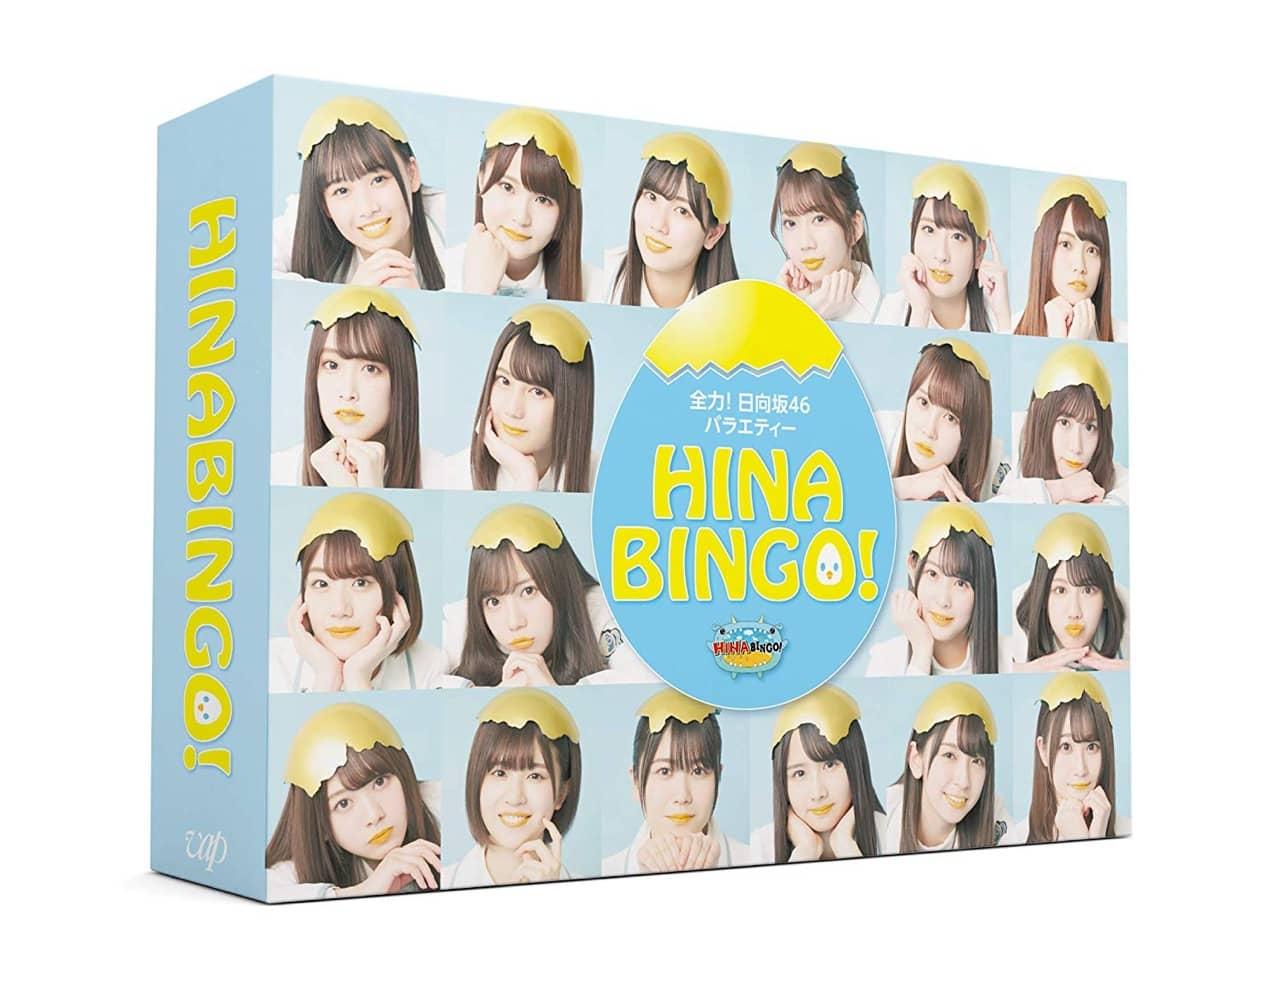 全力!日向坂46バラエティー HINABINGO! [Blu-ray][DVD]